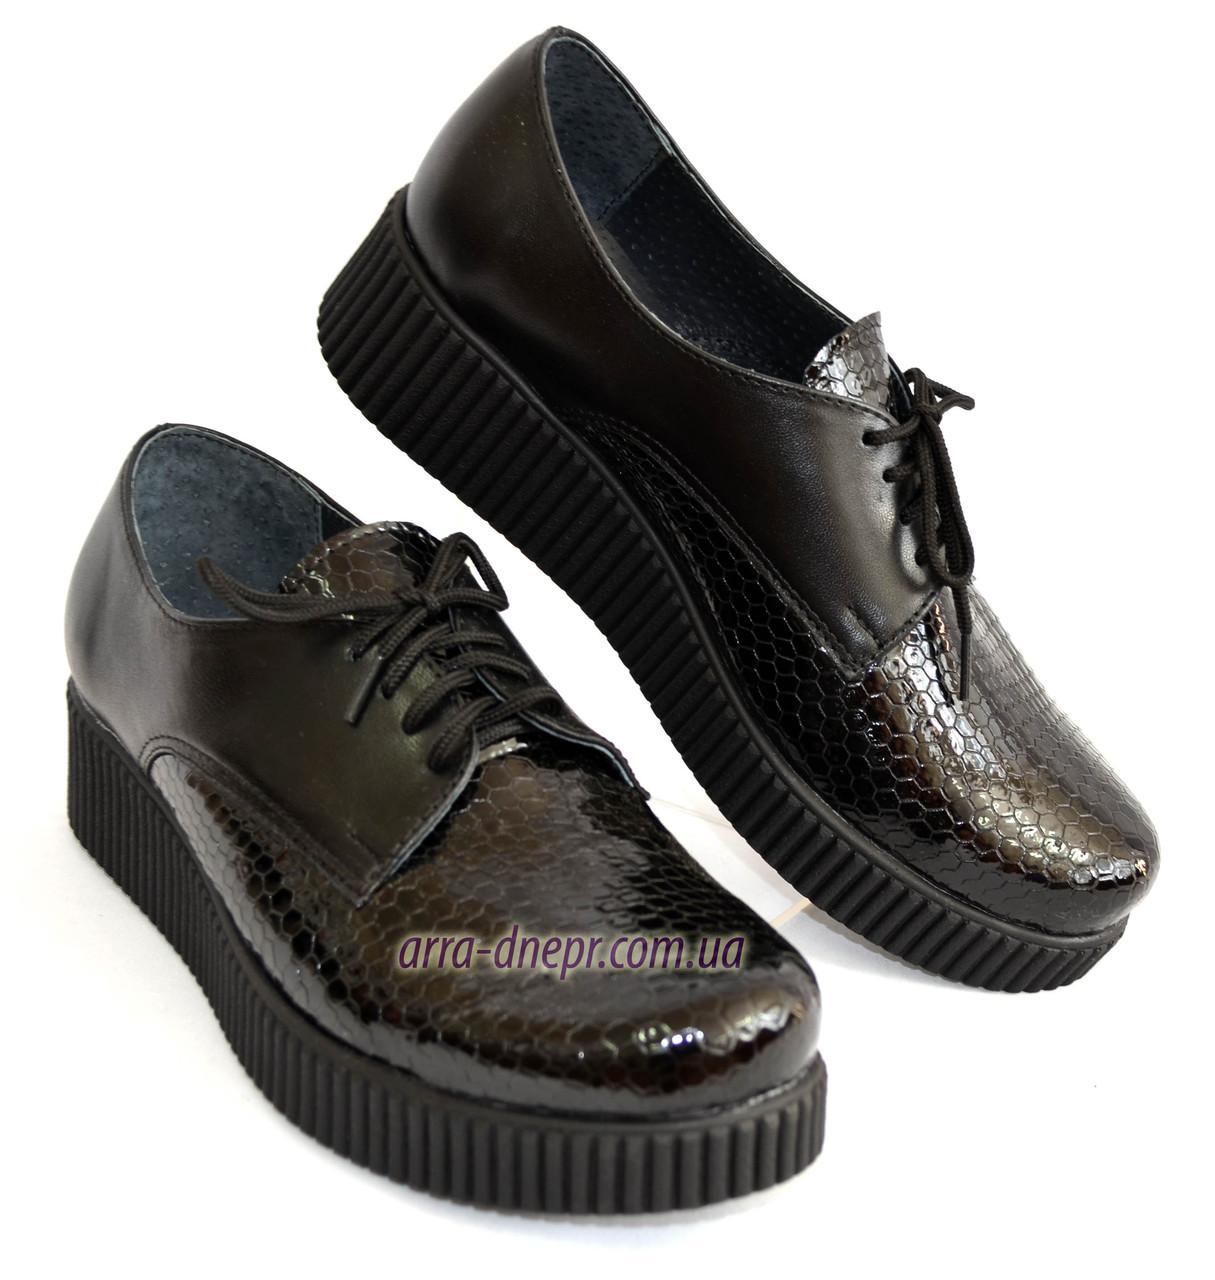 Женские туфли на утолщенной подошве, на шнуровке, натуральная кожа и лак питон.